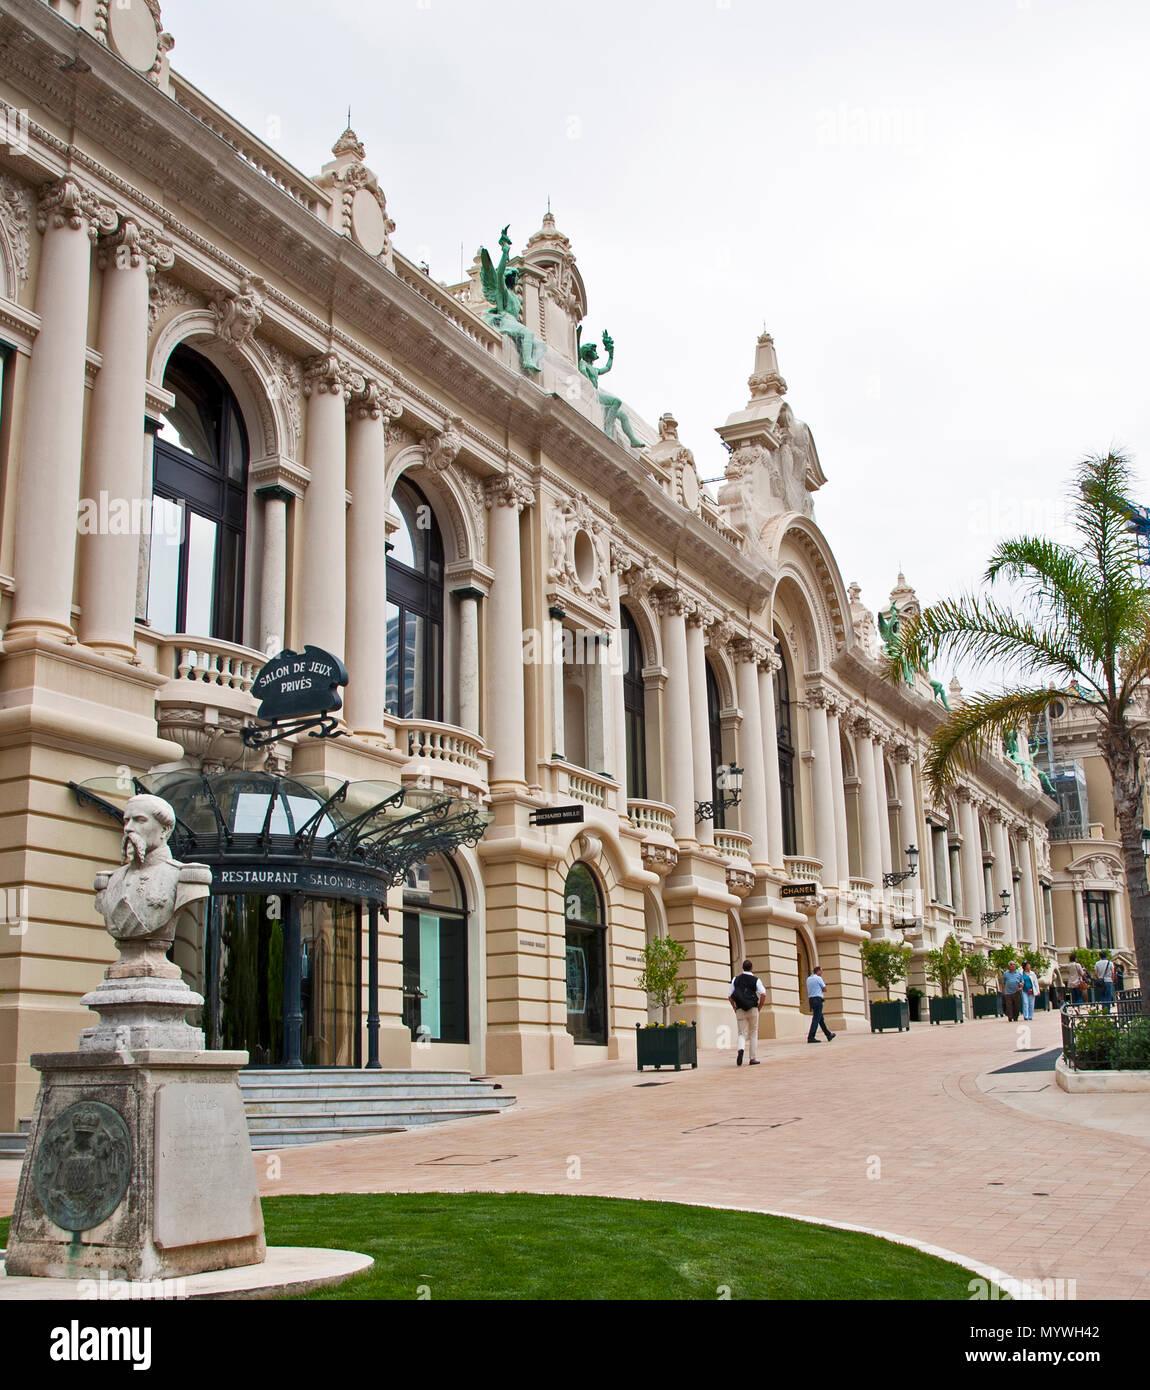 Monte Carlo, Monaco - June 2, 2016: Salon de jeux prive restaurant at the world famous Monte Carlo Casino - Stock Image